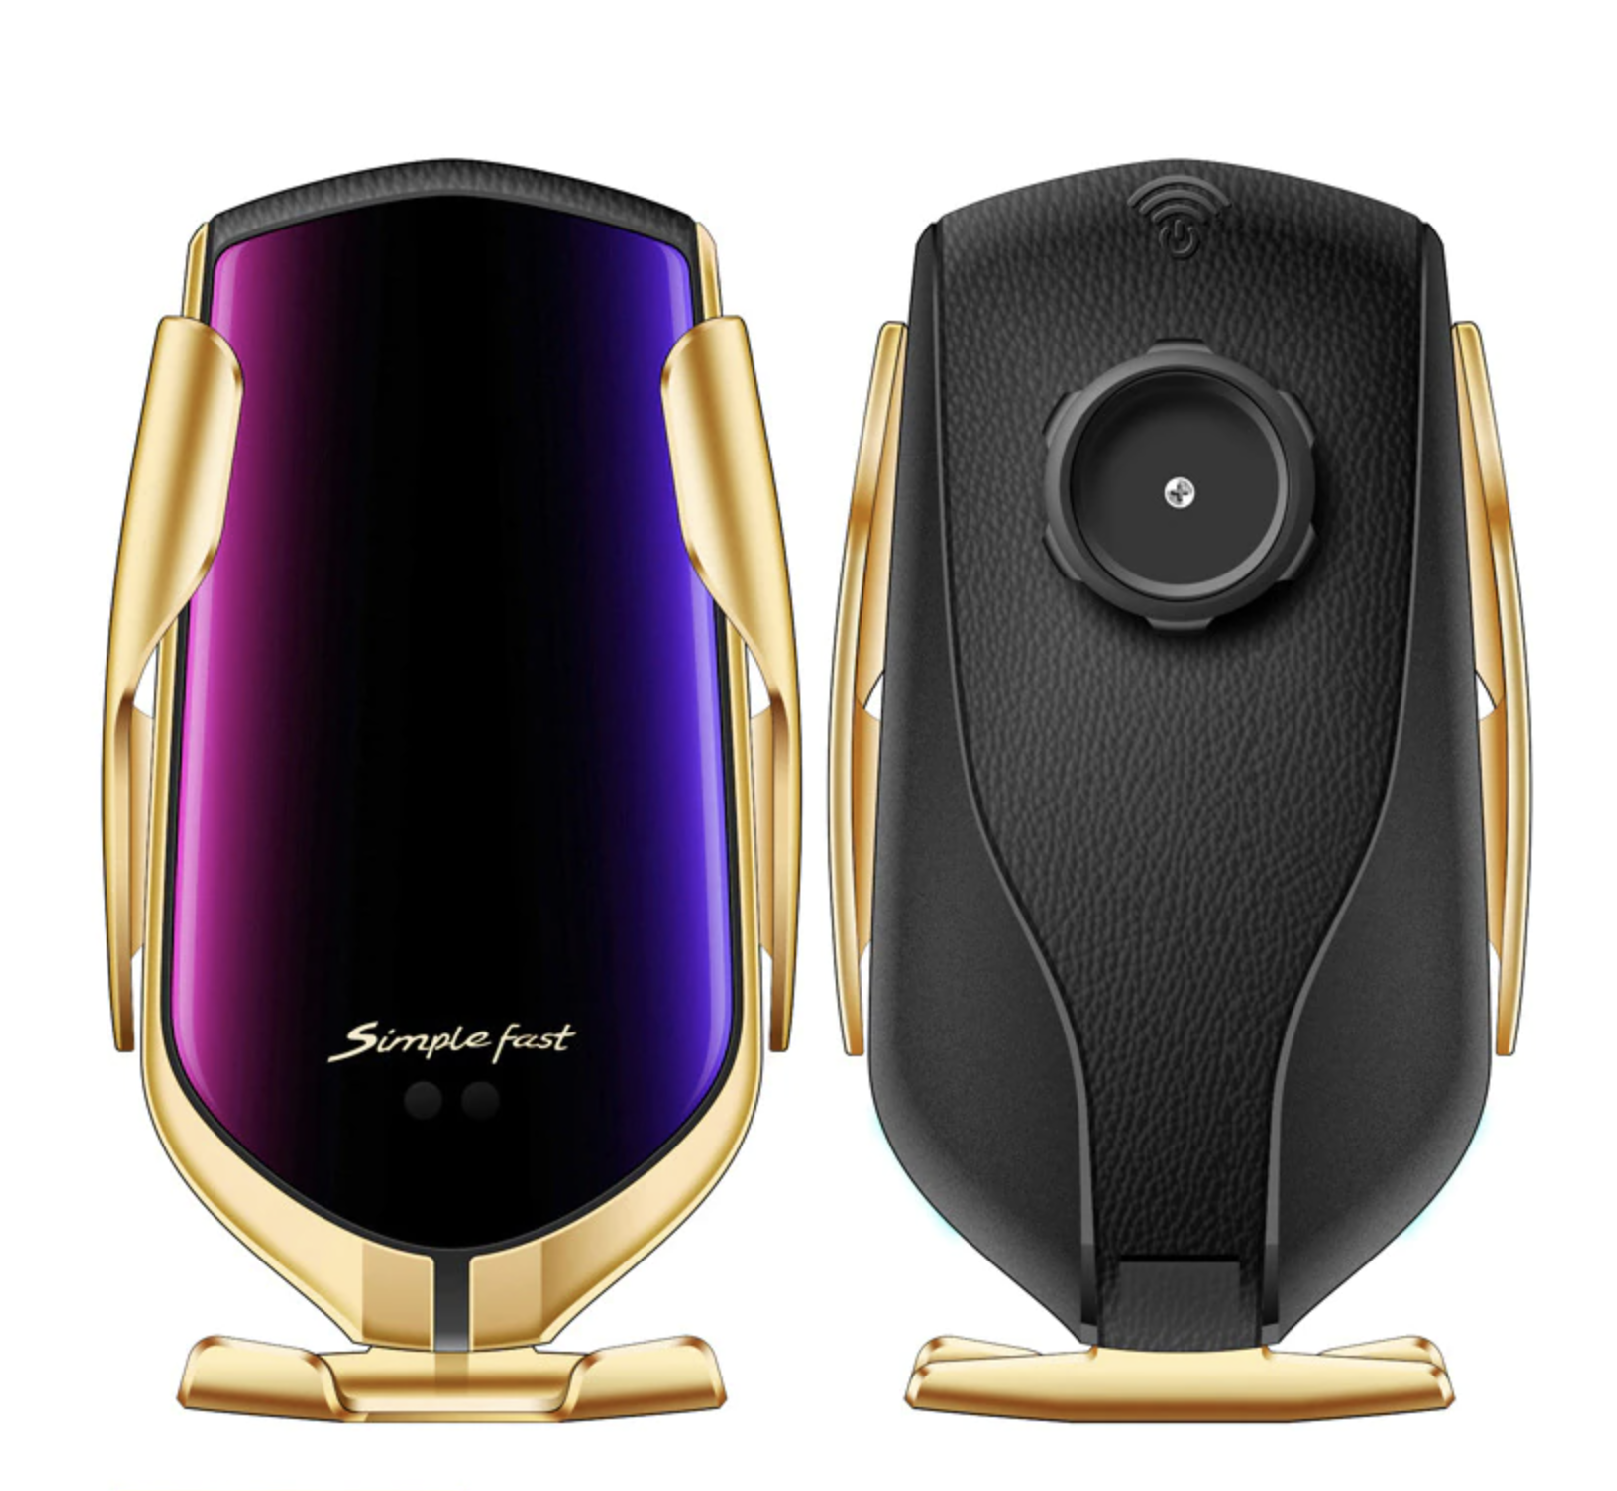 Chytrý držák mobilu do auta s bezdrátovou nabíječkou Barva: zlatá